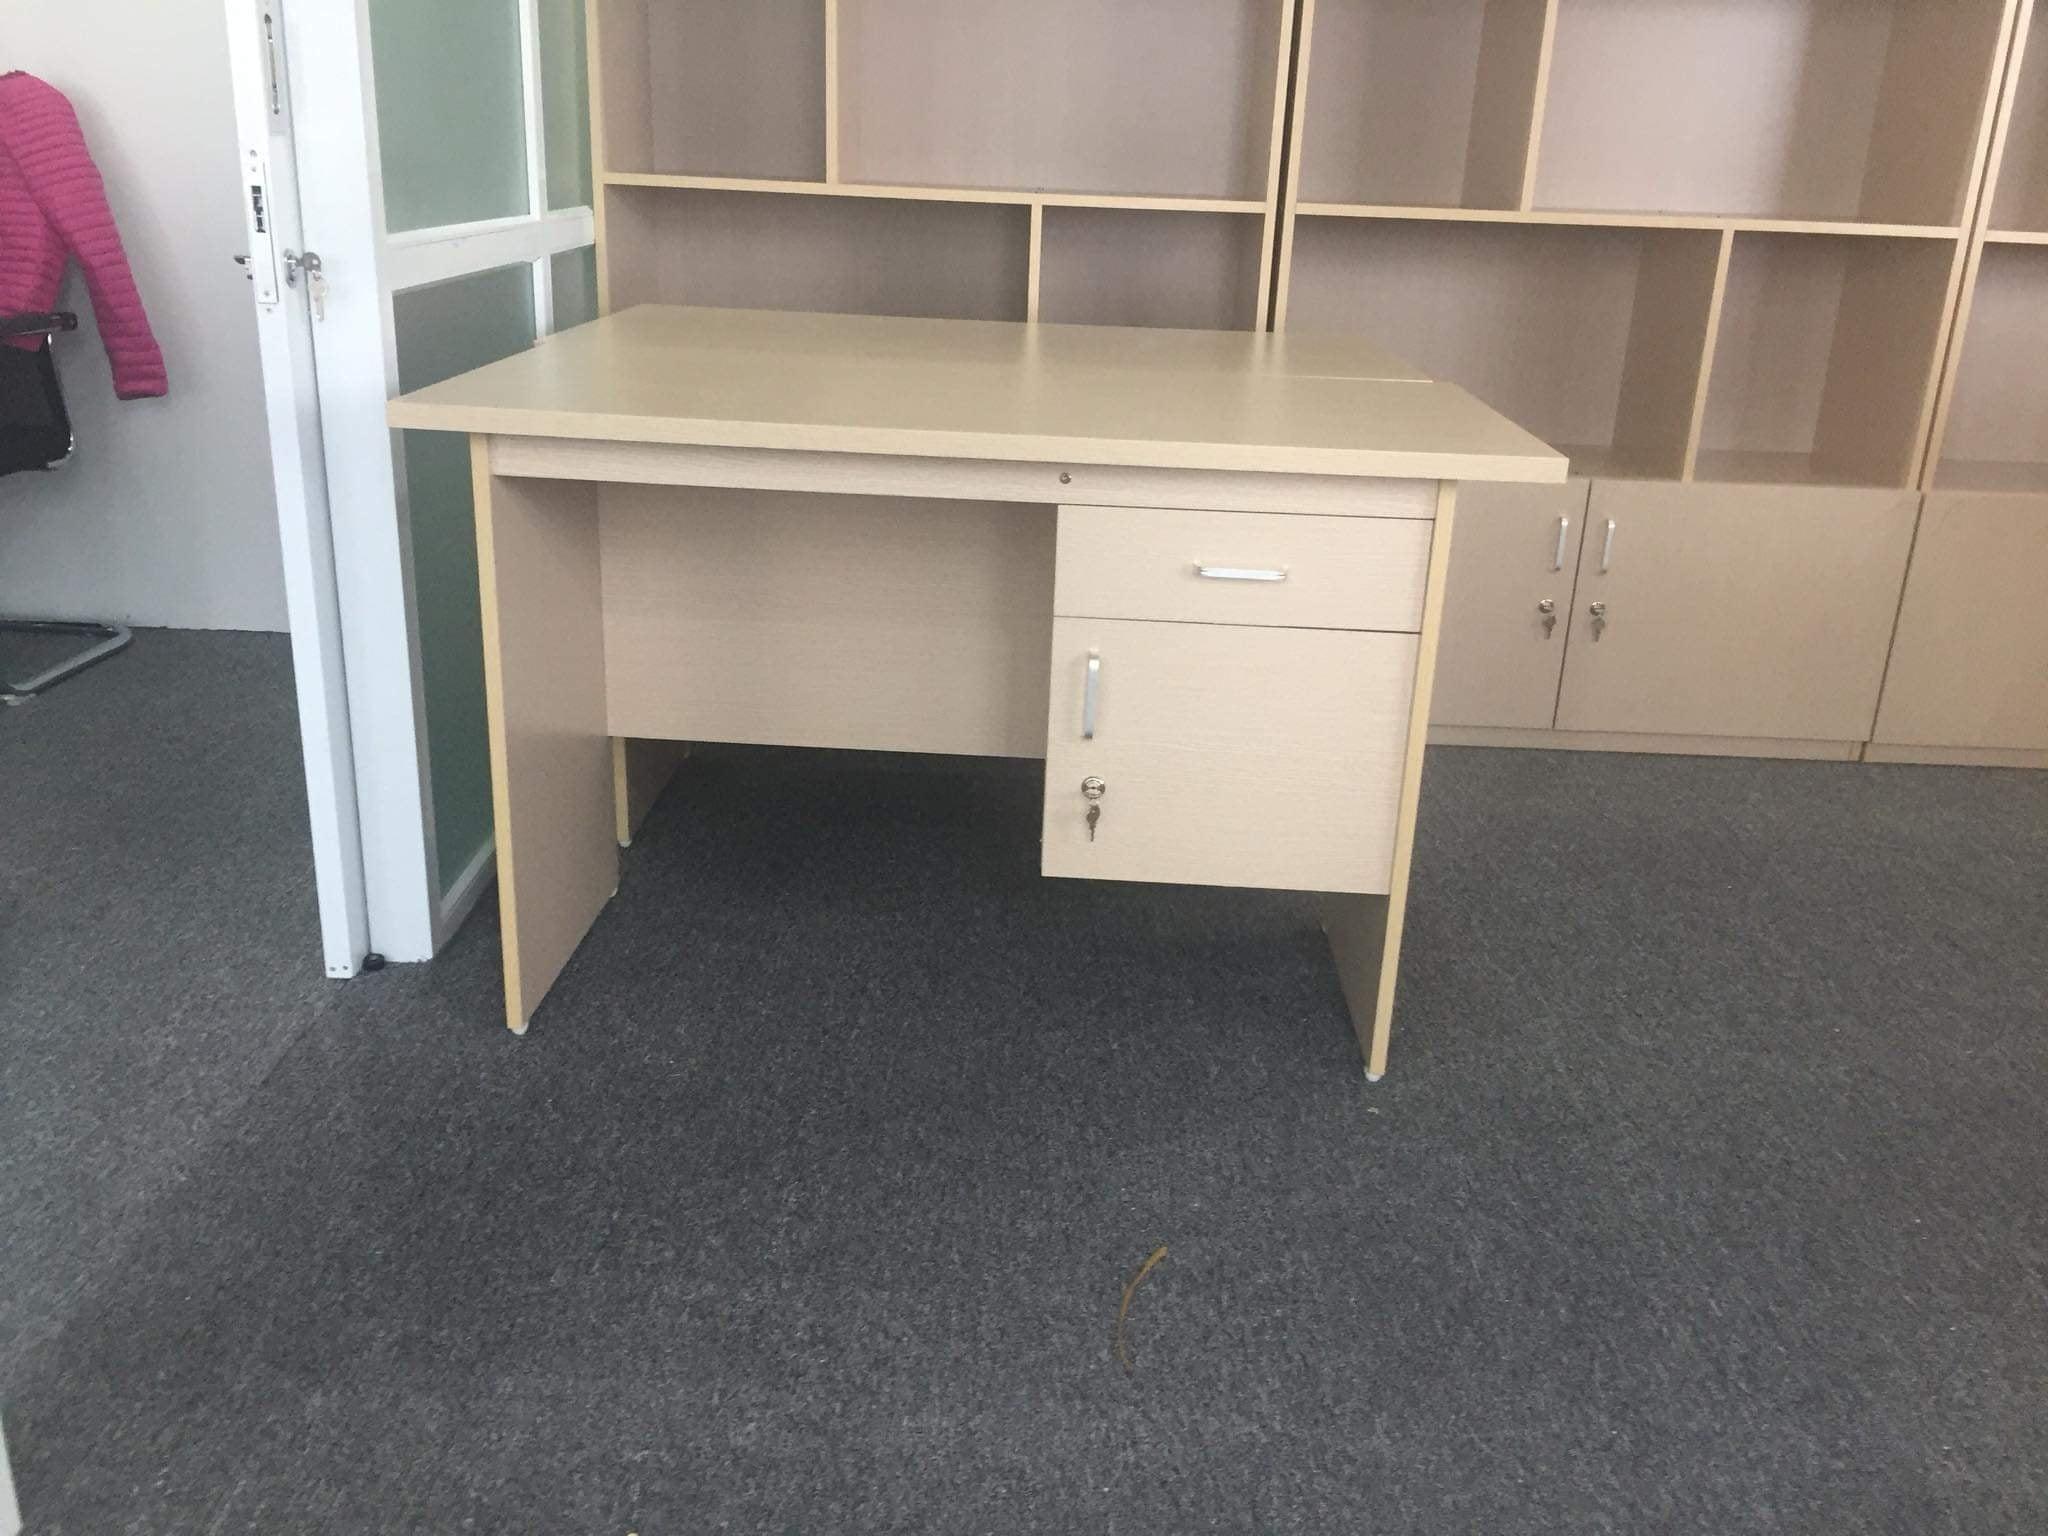 Mẫu bàn làm việc Đẹp và Hiện đại cho dân văn phòng mới nhất 2019